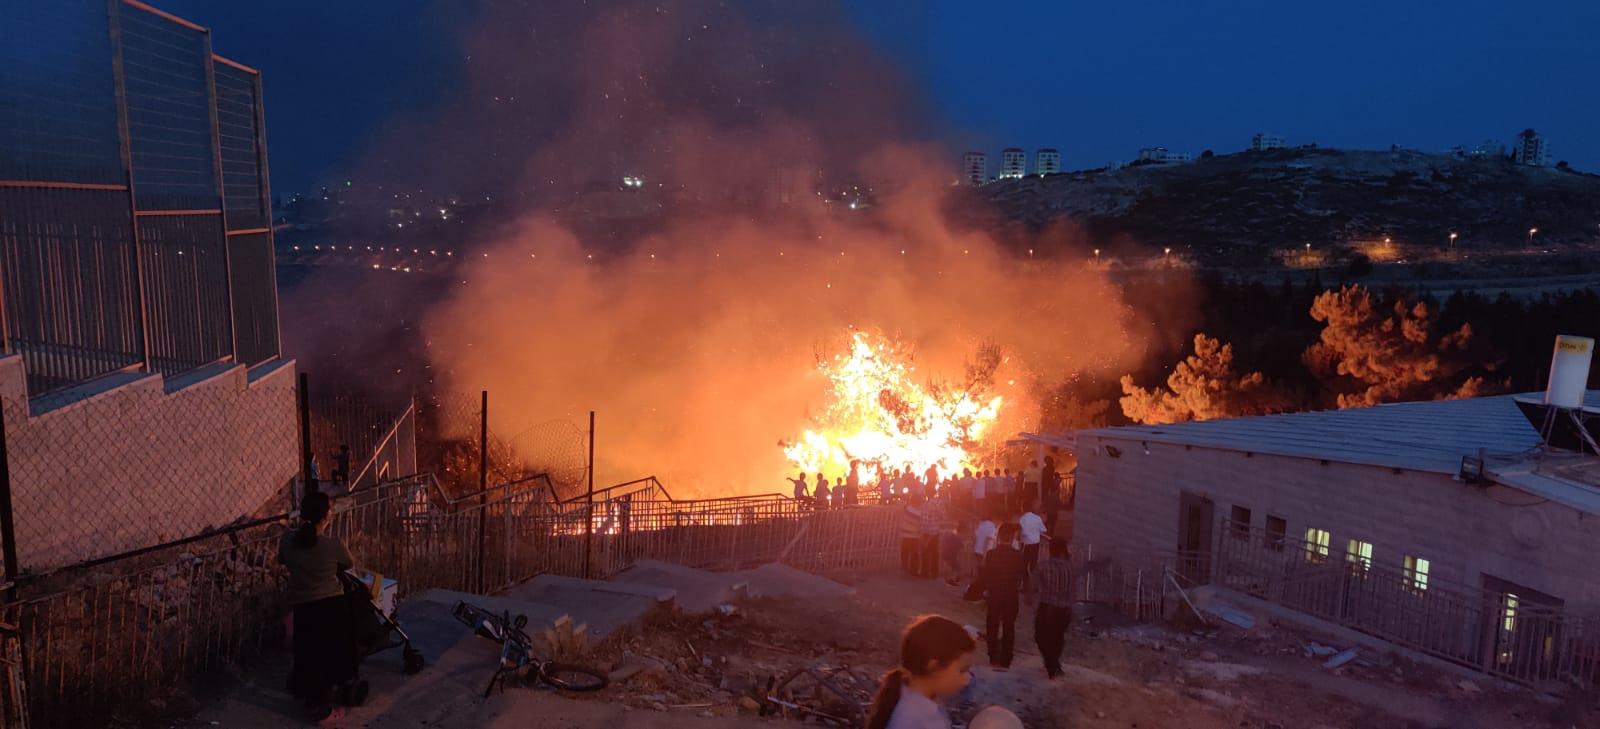 שריפת הקוצים בנוה יעקב (צילום: פרטי)